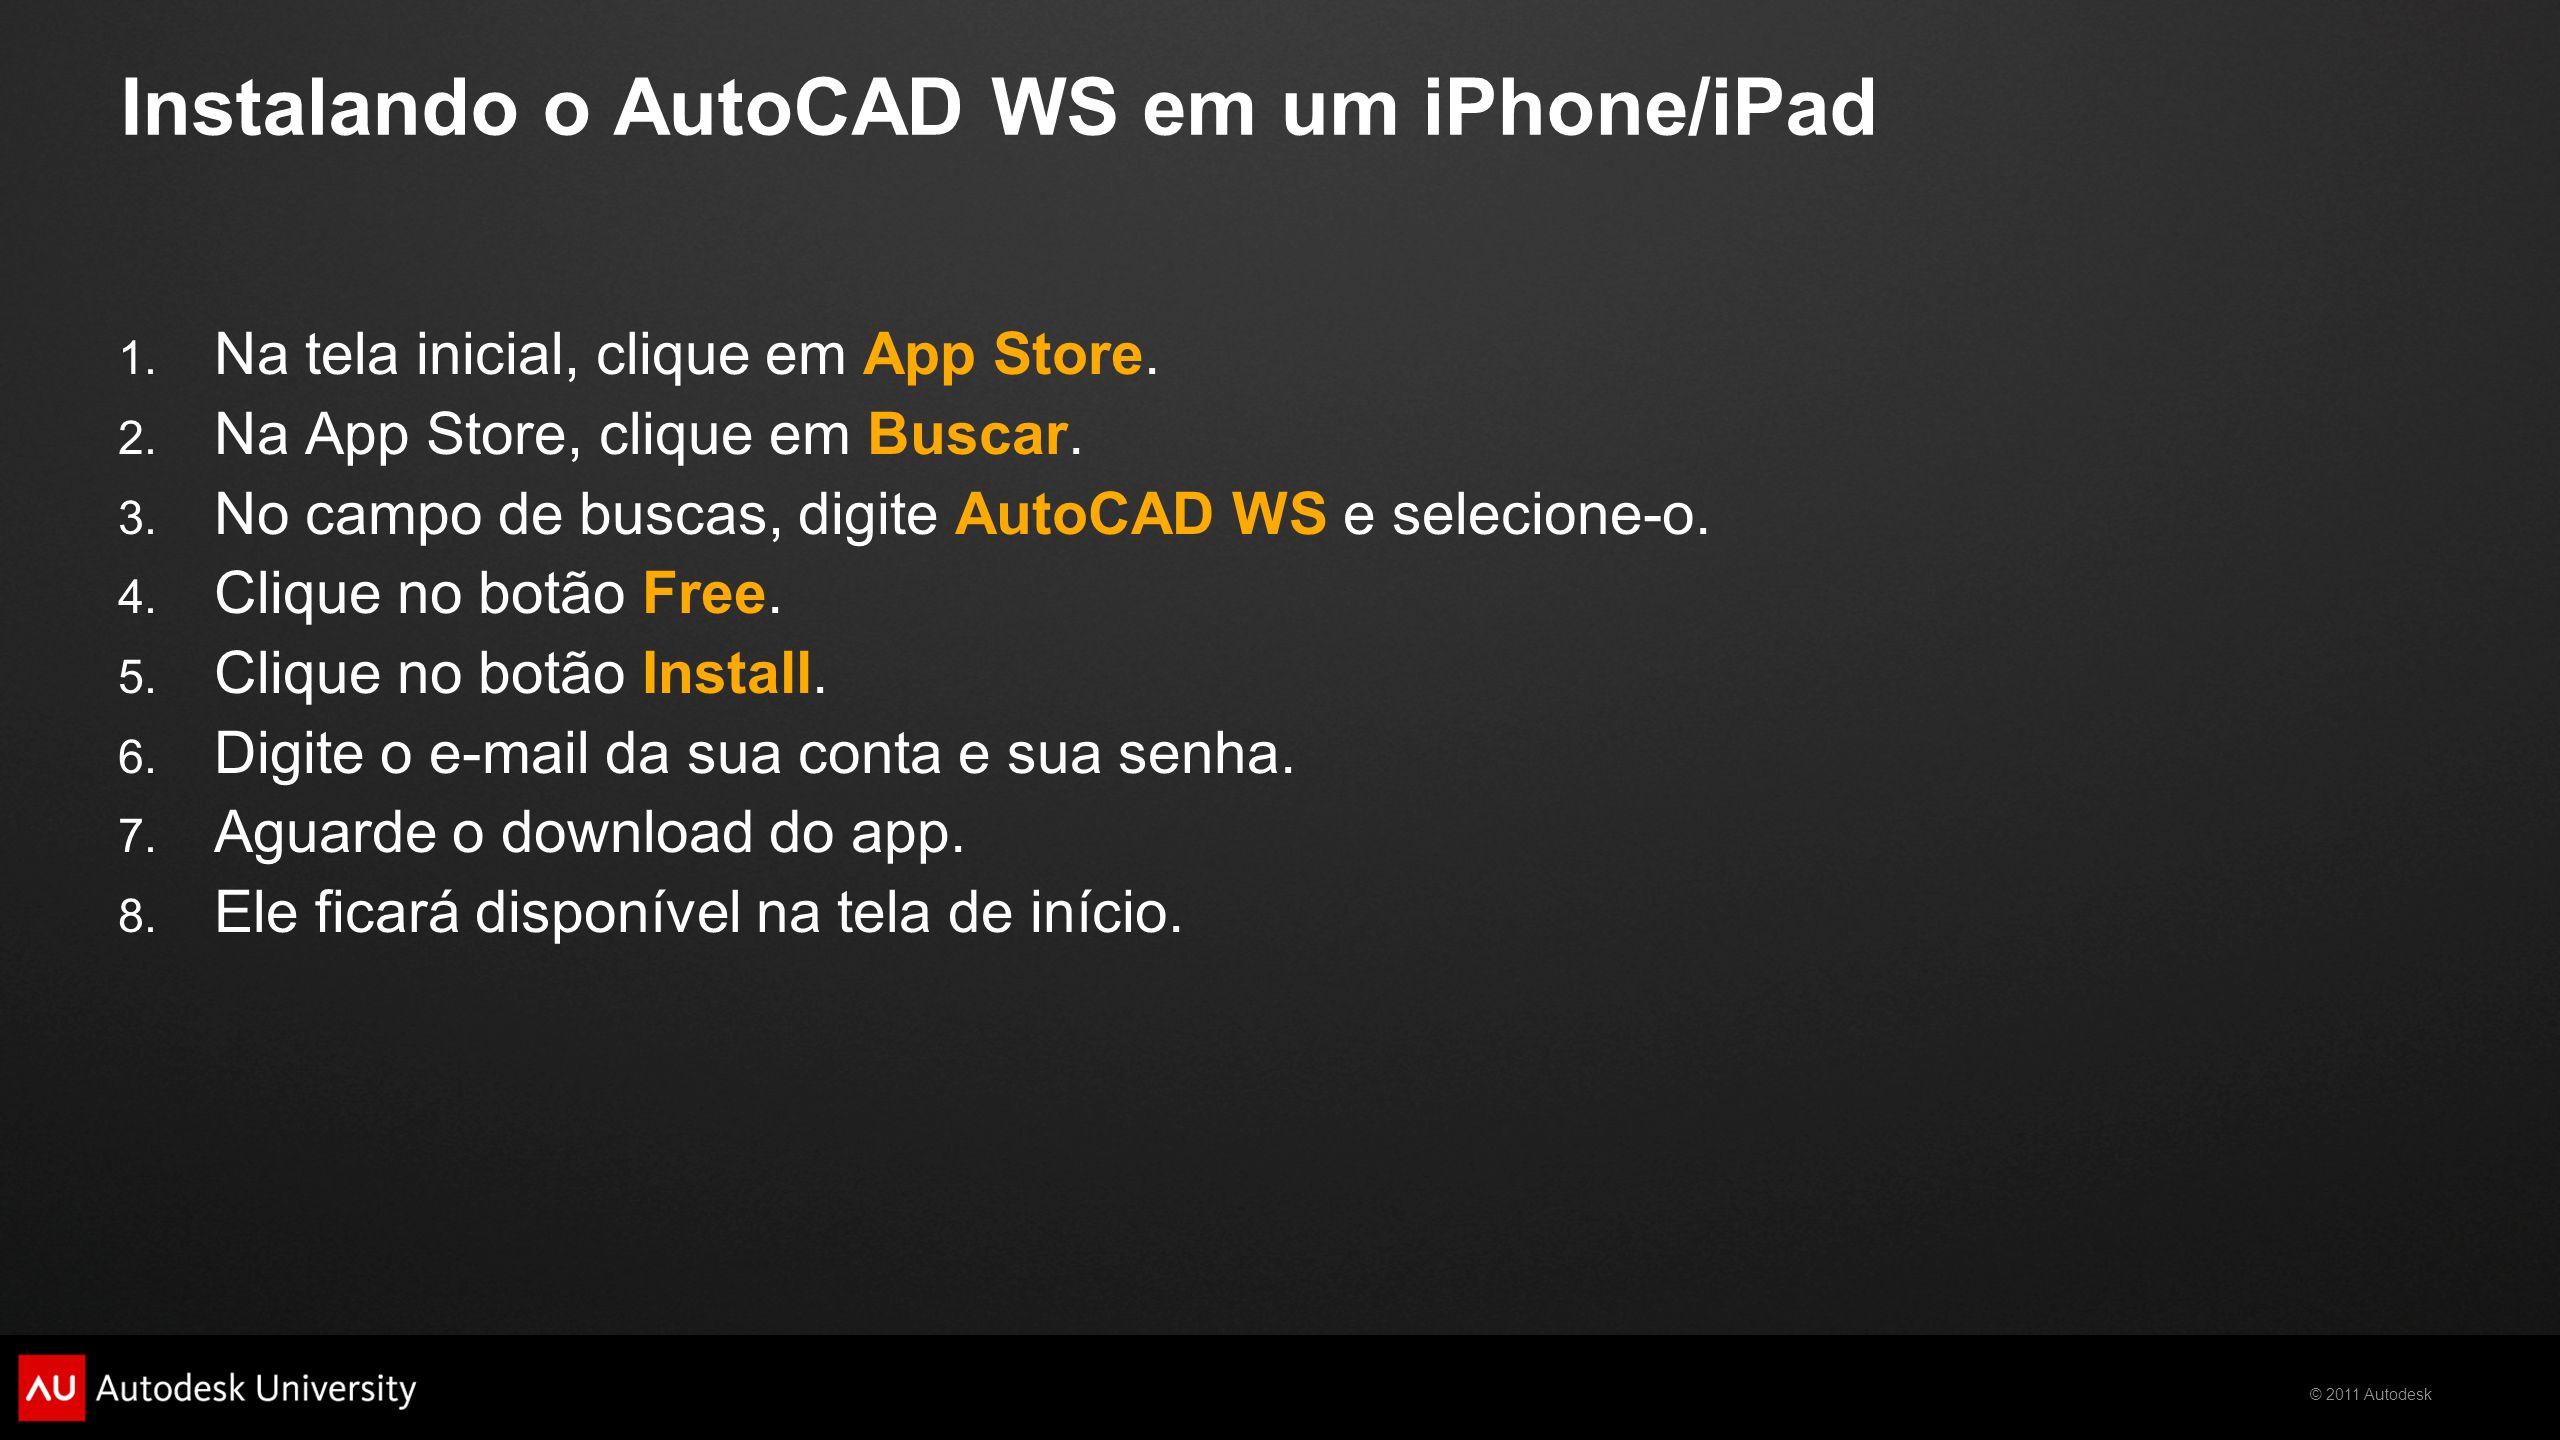 © 2011 Autodesk Instalando o AutoCAD WS em um iPhone/iPad 1. Na tela inicial, clique em App Store. 2. Na App Store, clique em Buscar. 3. No campo de b